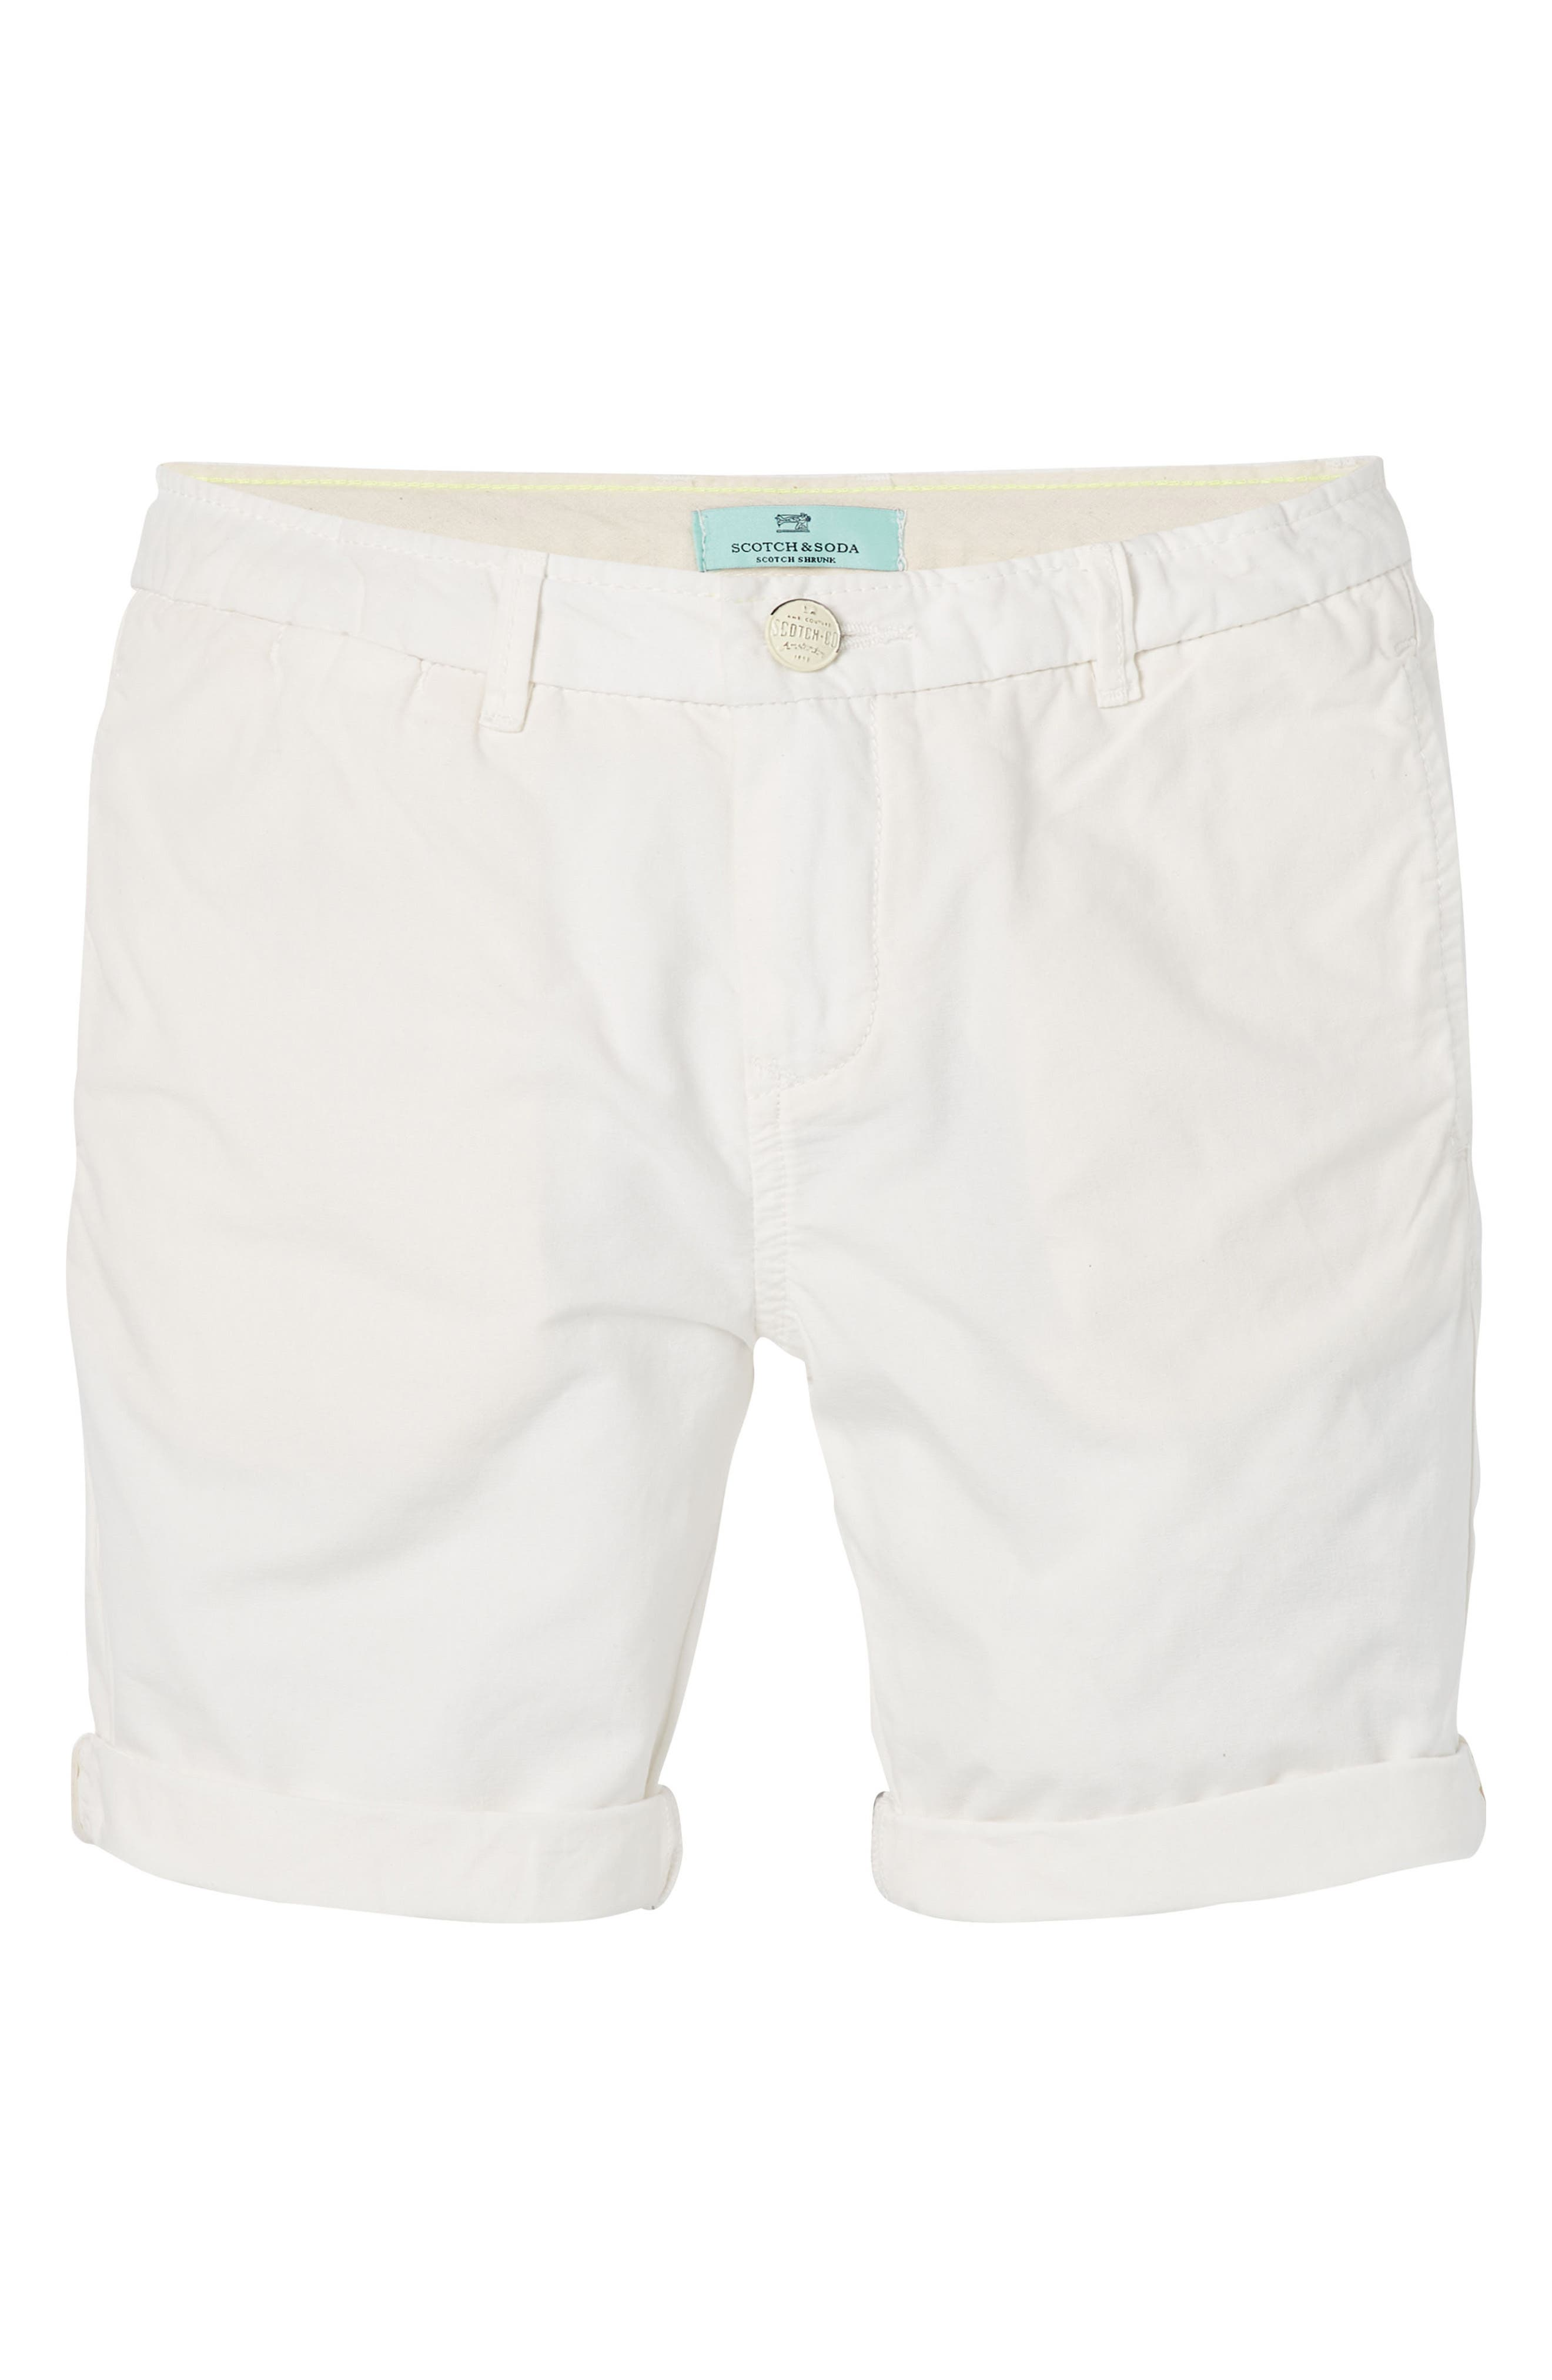 Scotch Shrunk Poplin Shorts (Little Boys & Big Boys)